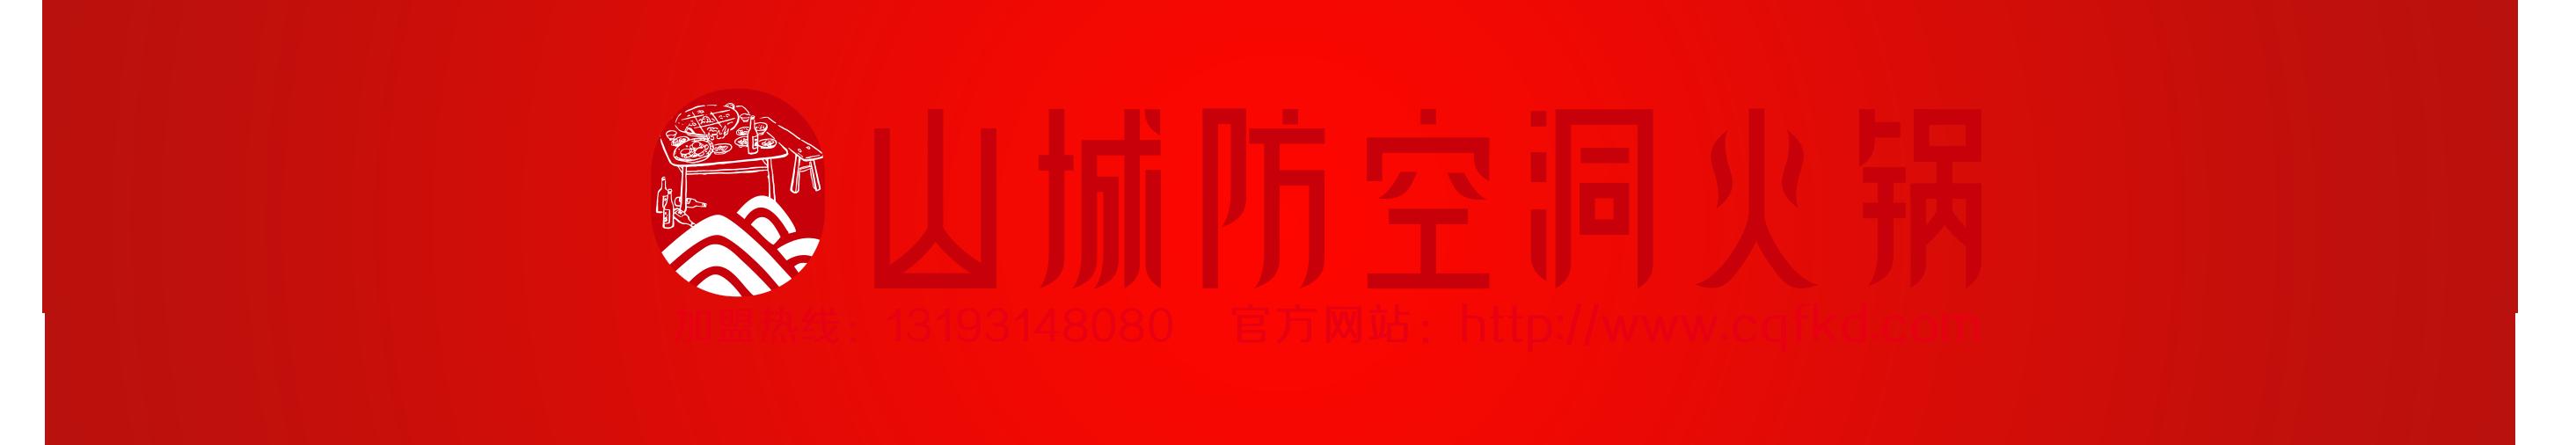 重庆山城防空洞老火锅品牌招商加盟